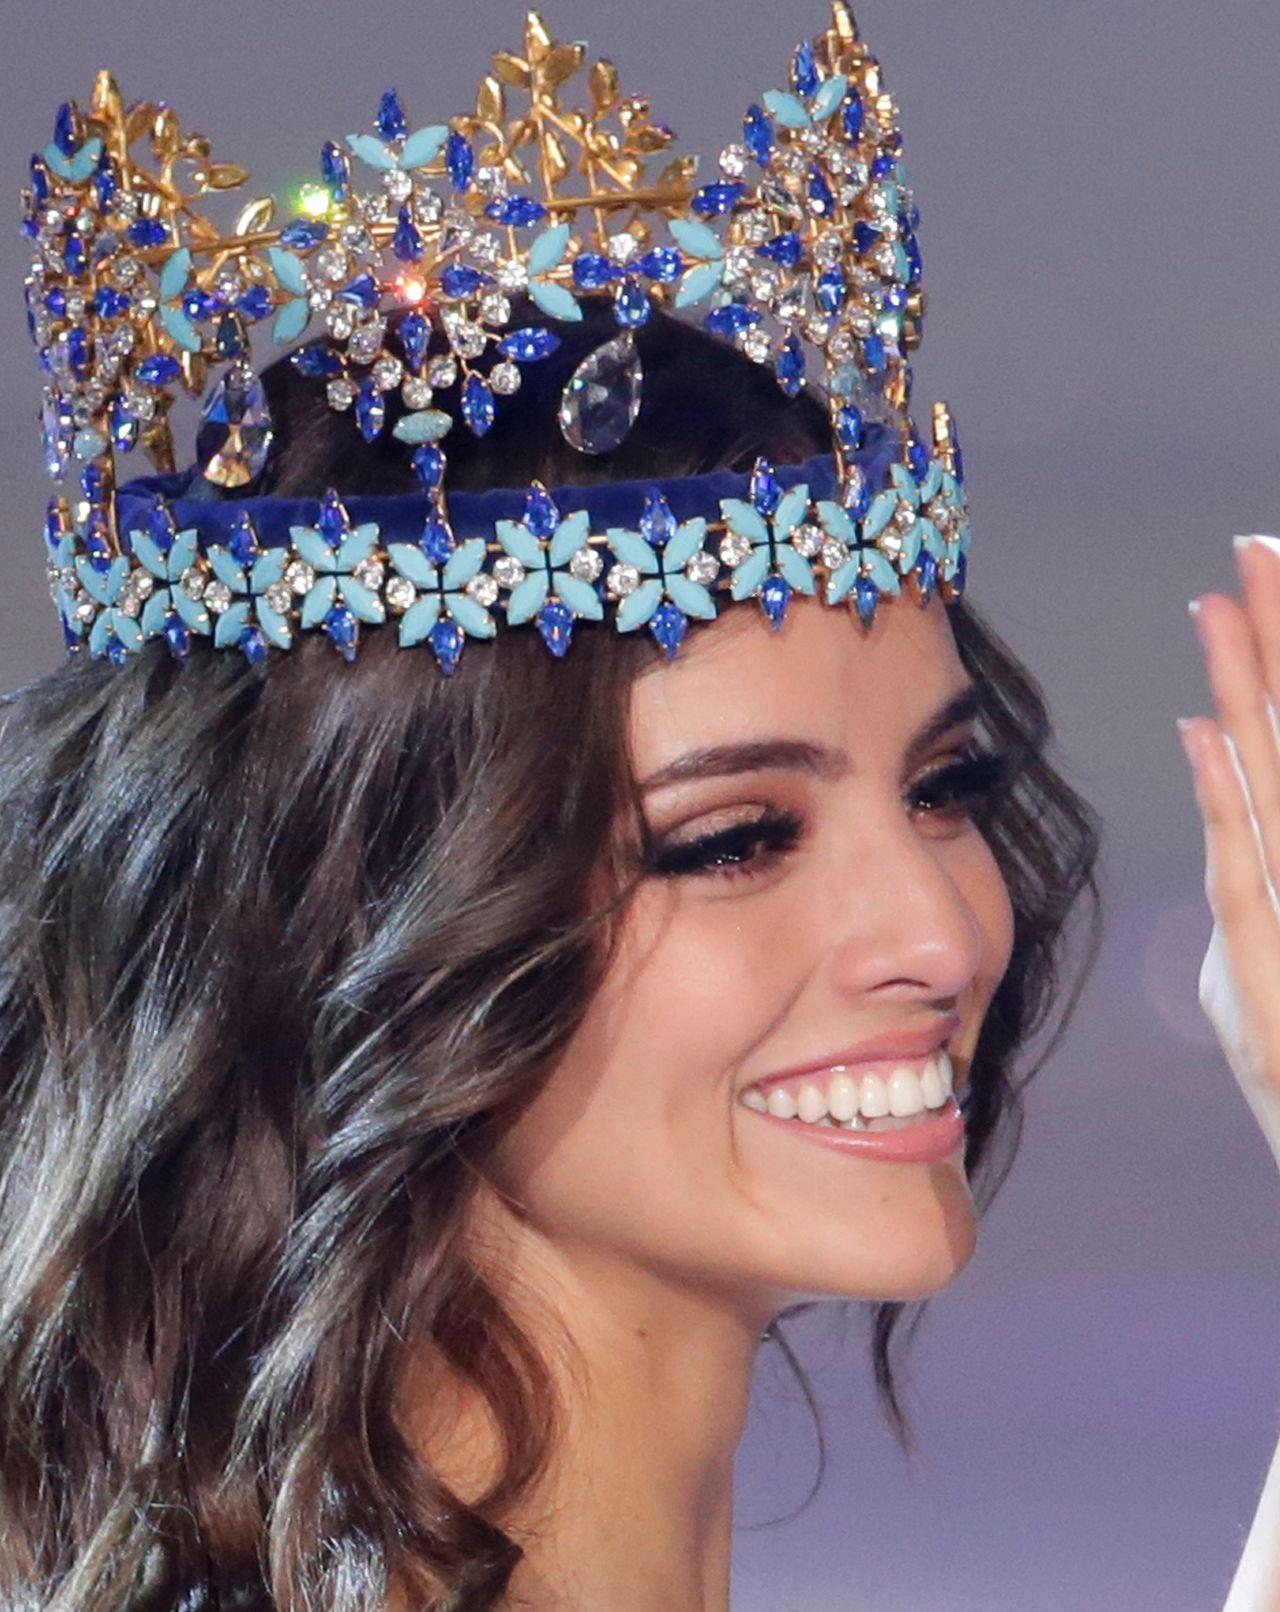 Miss World 2018 została śliczna Miss Meksyku - jak wypadła Agata Biernat? (ZDJĘC